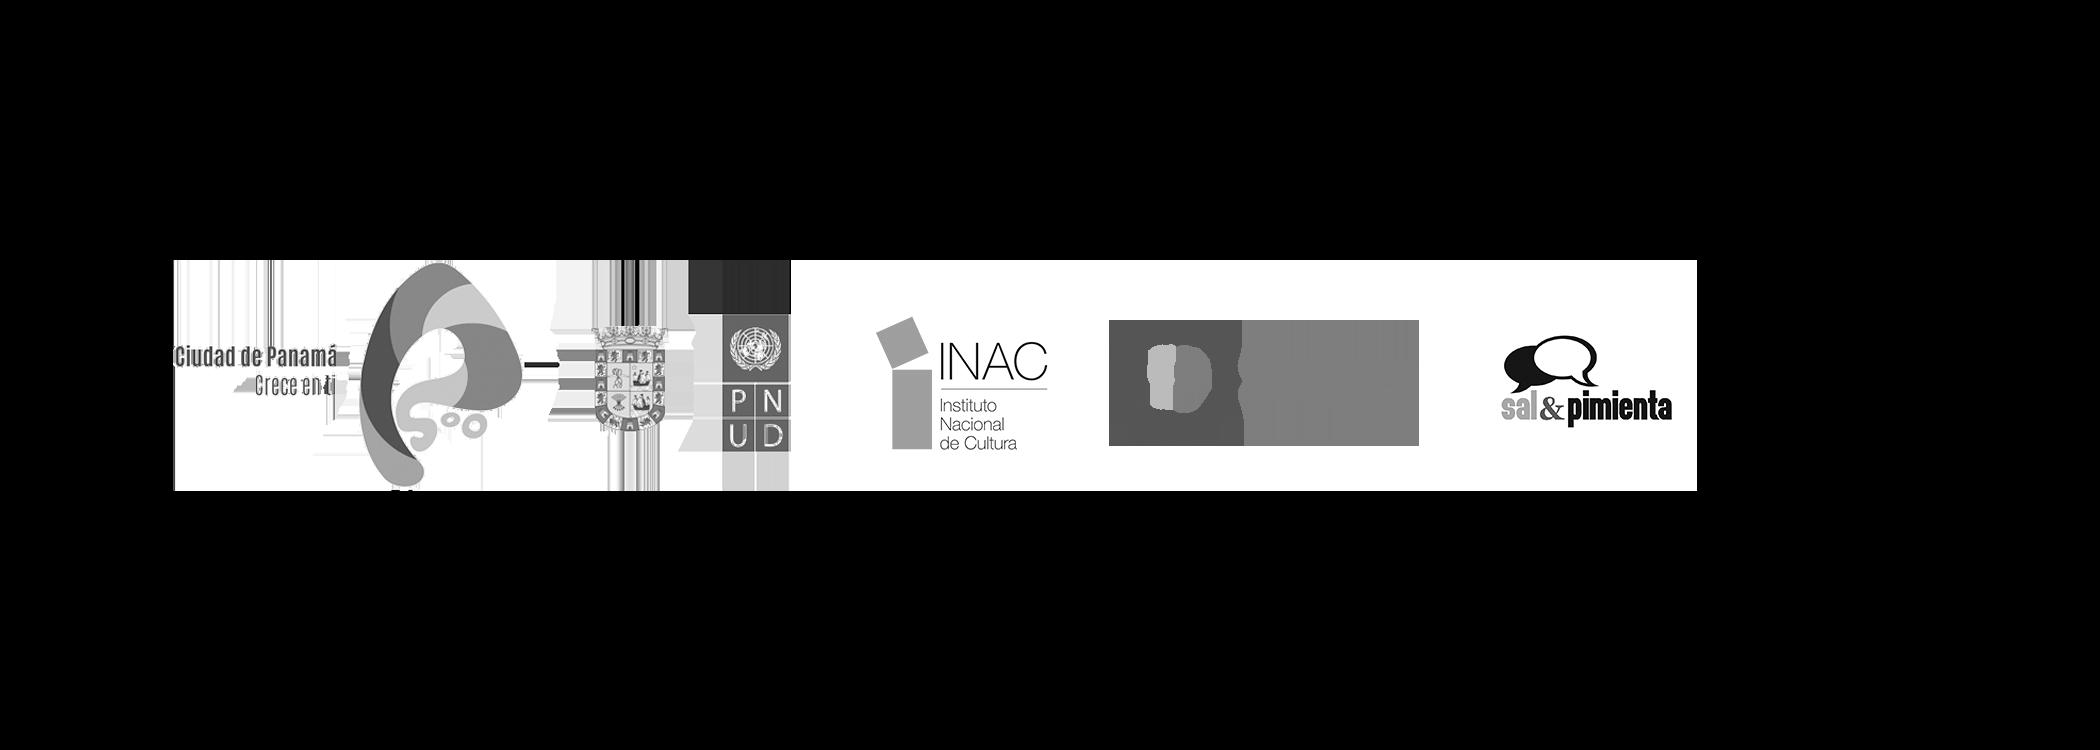 logos pagina web.png